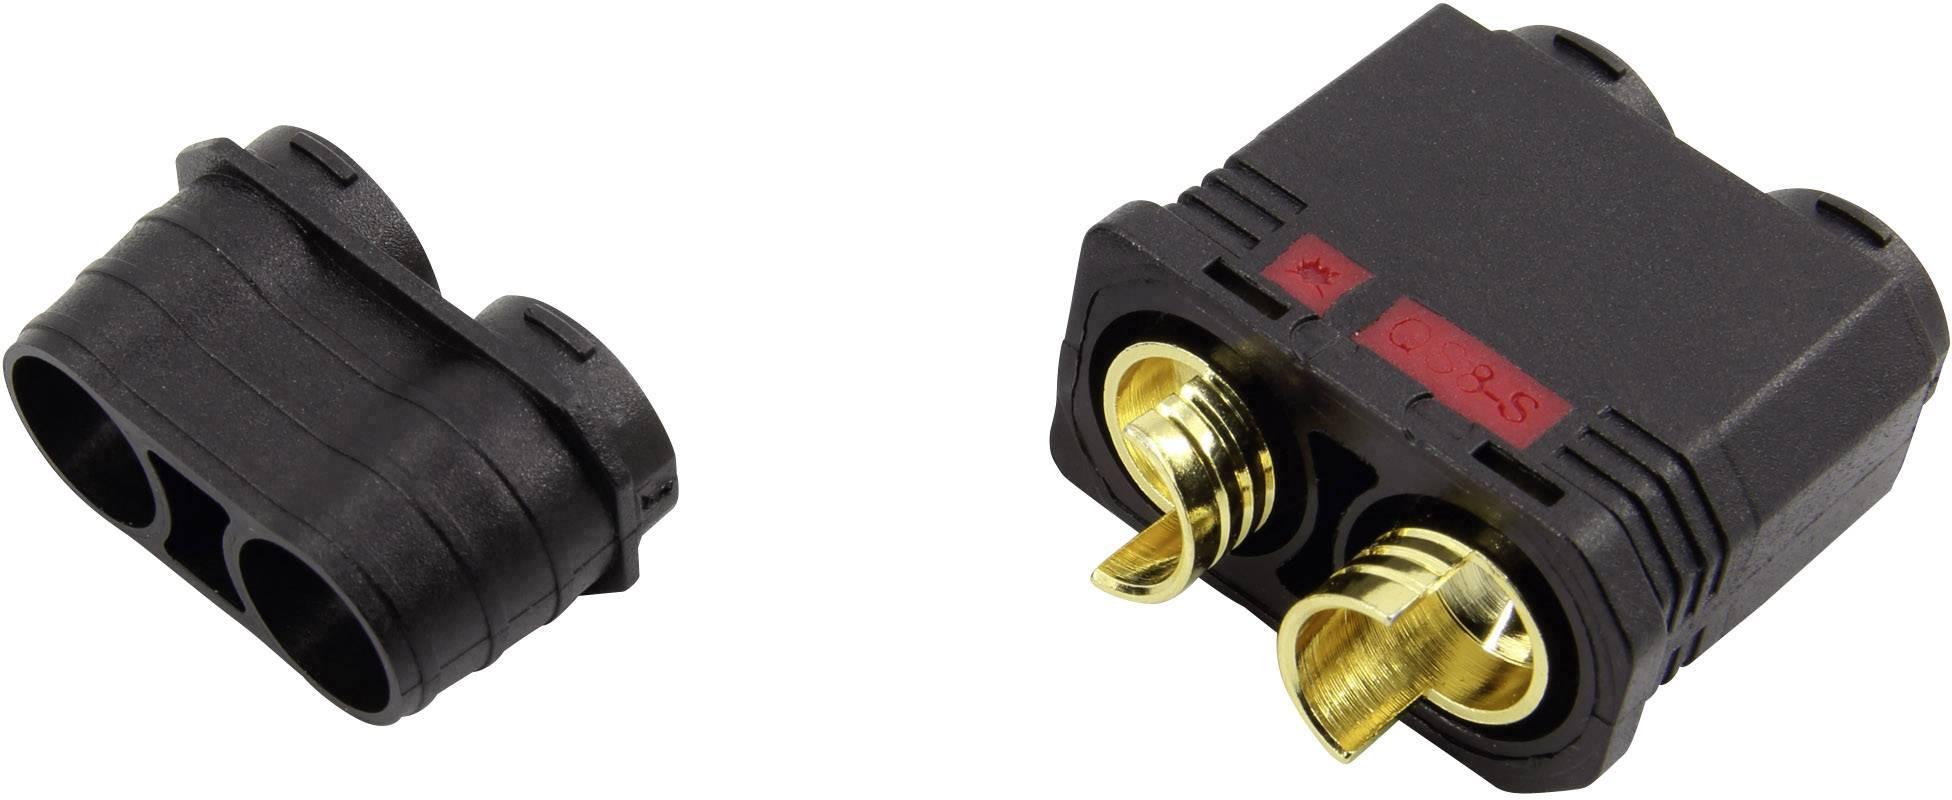 Zásuvkový konektor k propojení akumulátoru a regulátoru RC modelu Reely pozlacené, 1 ks